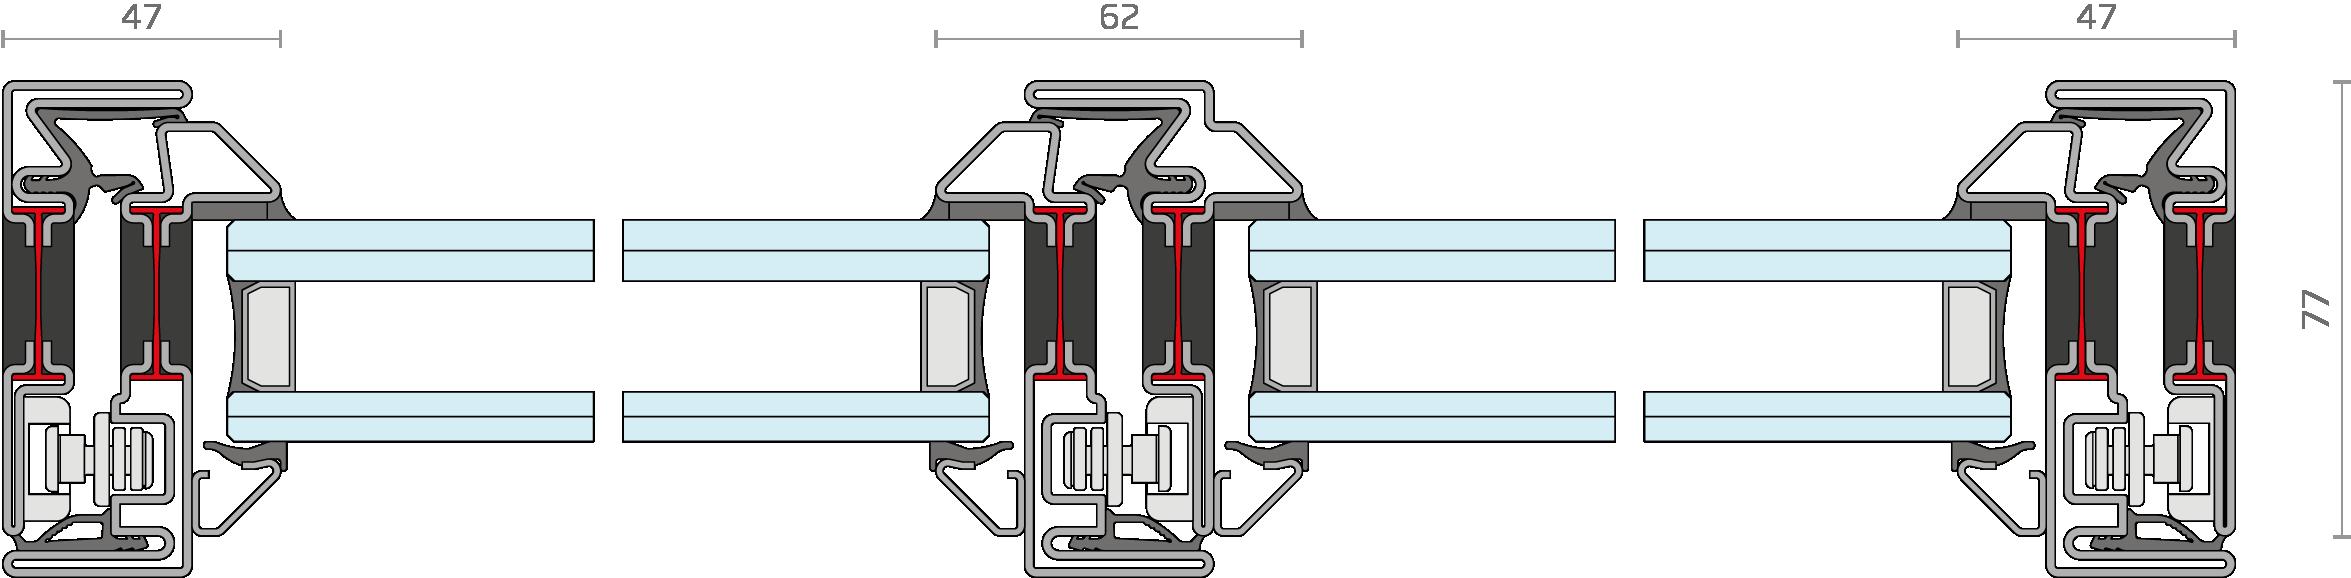 BV 75_AR h